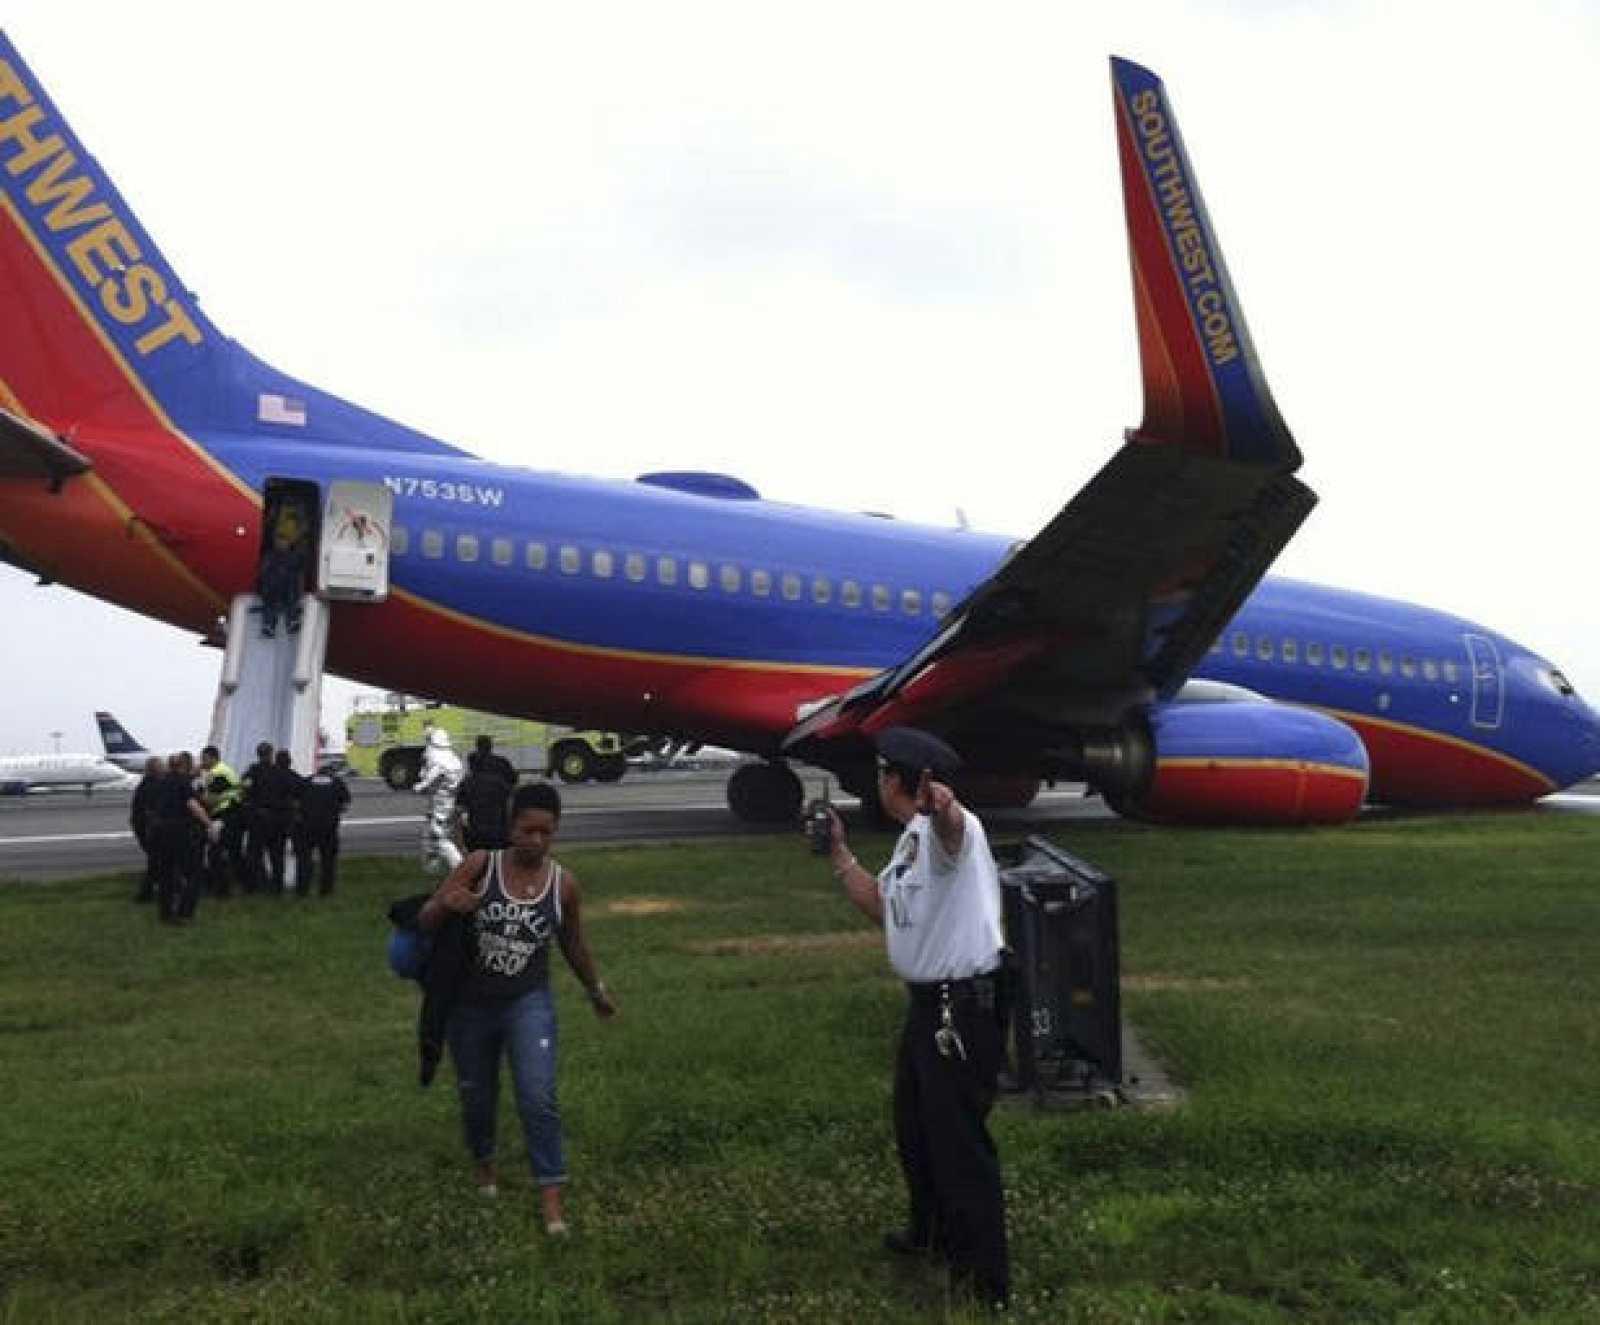 El avión accidentado de la compañía Southwest Airlines se apoya sobre la pista la pista mientras los pasajeros son desembarcados, en el aeropuerto de La Guardia en Nueva York.